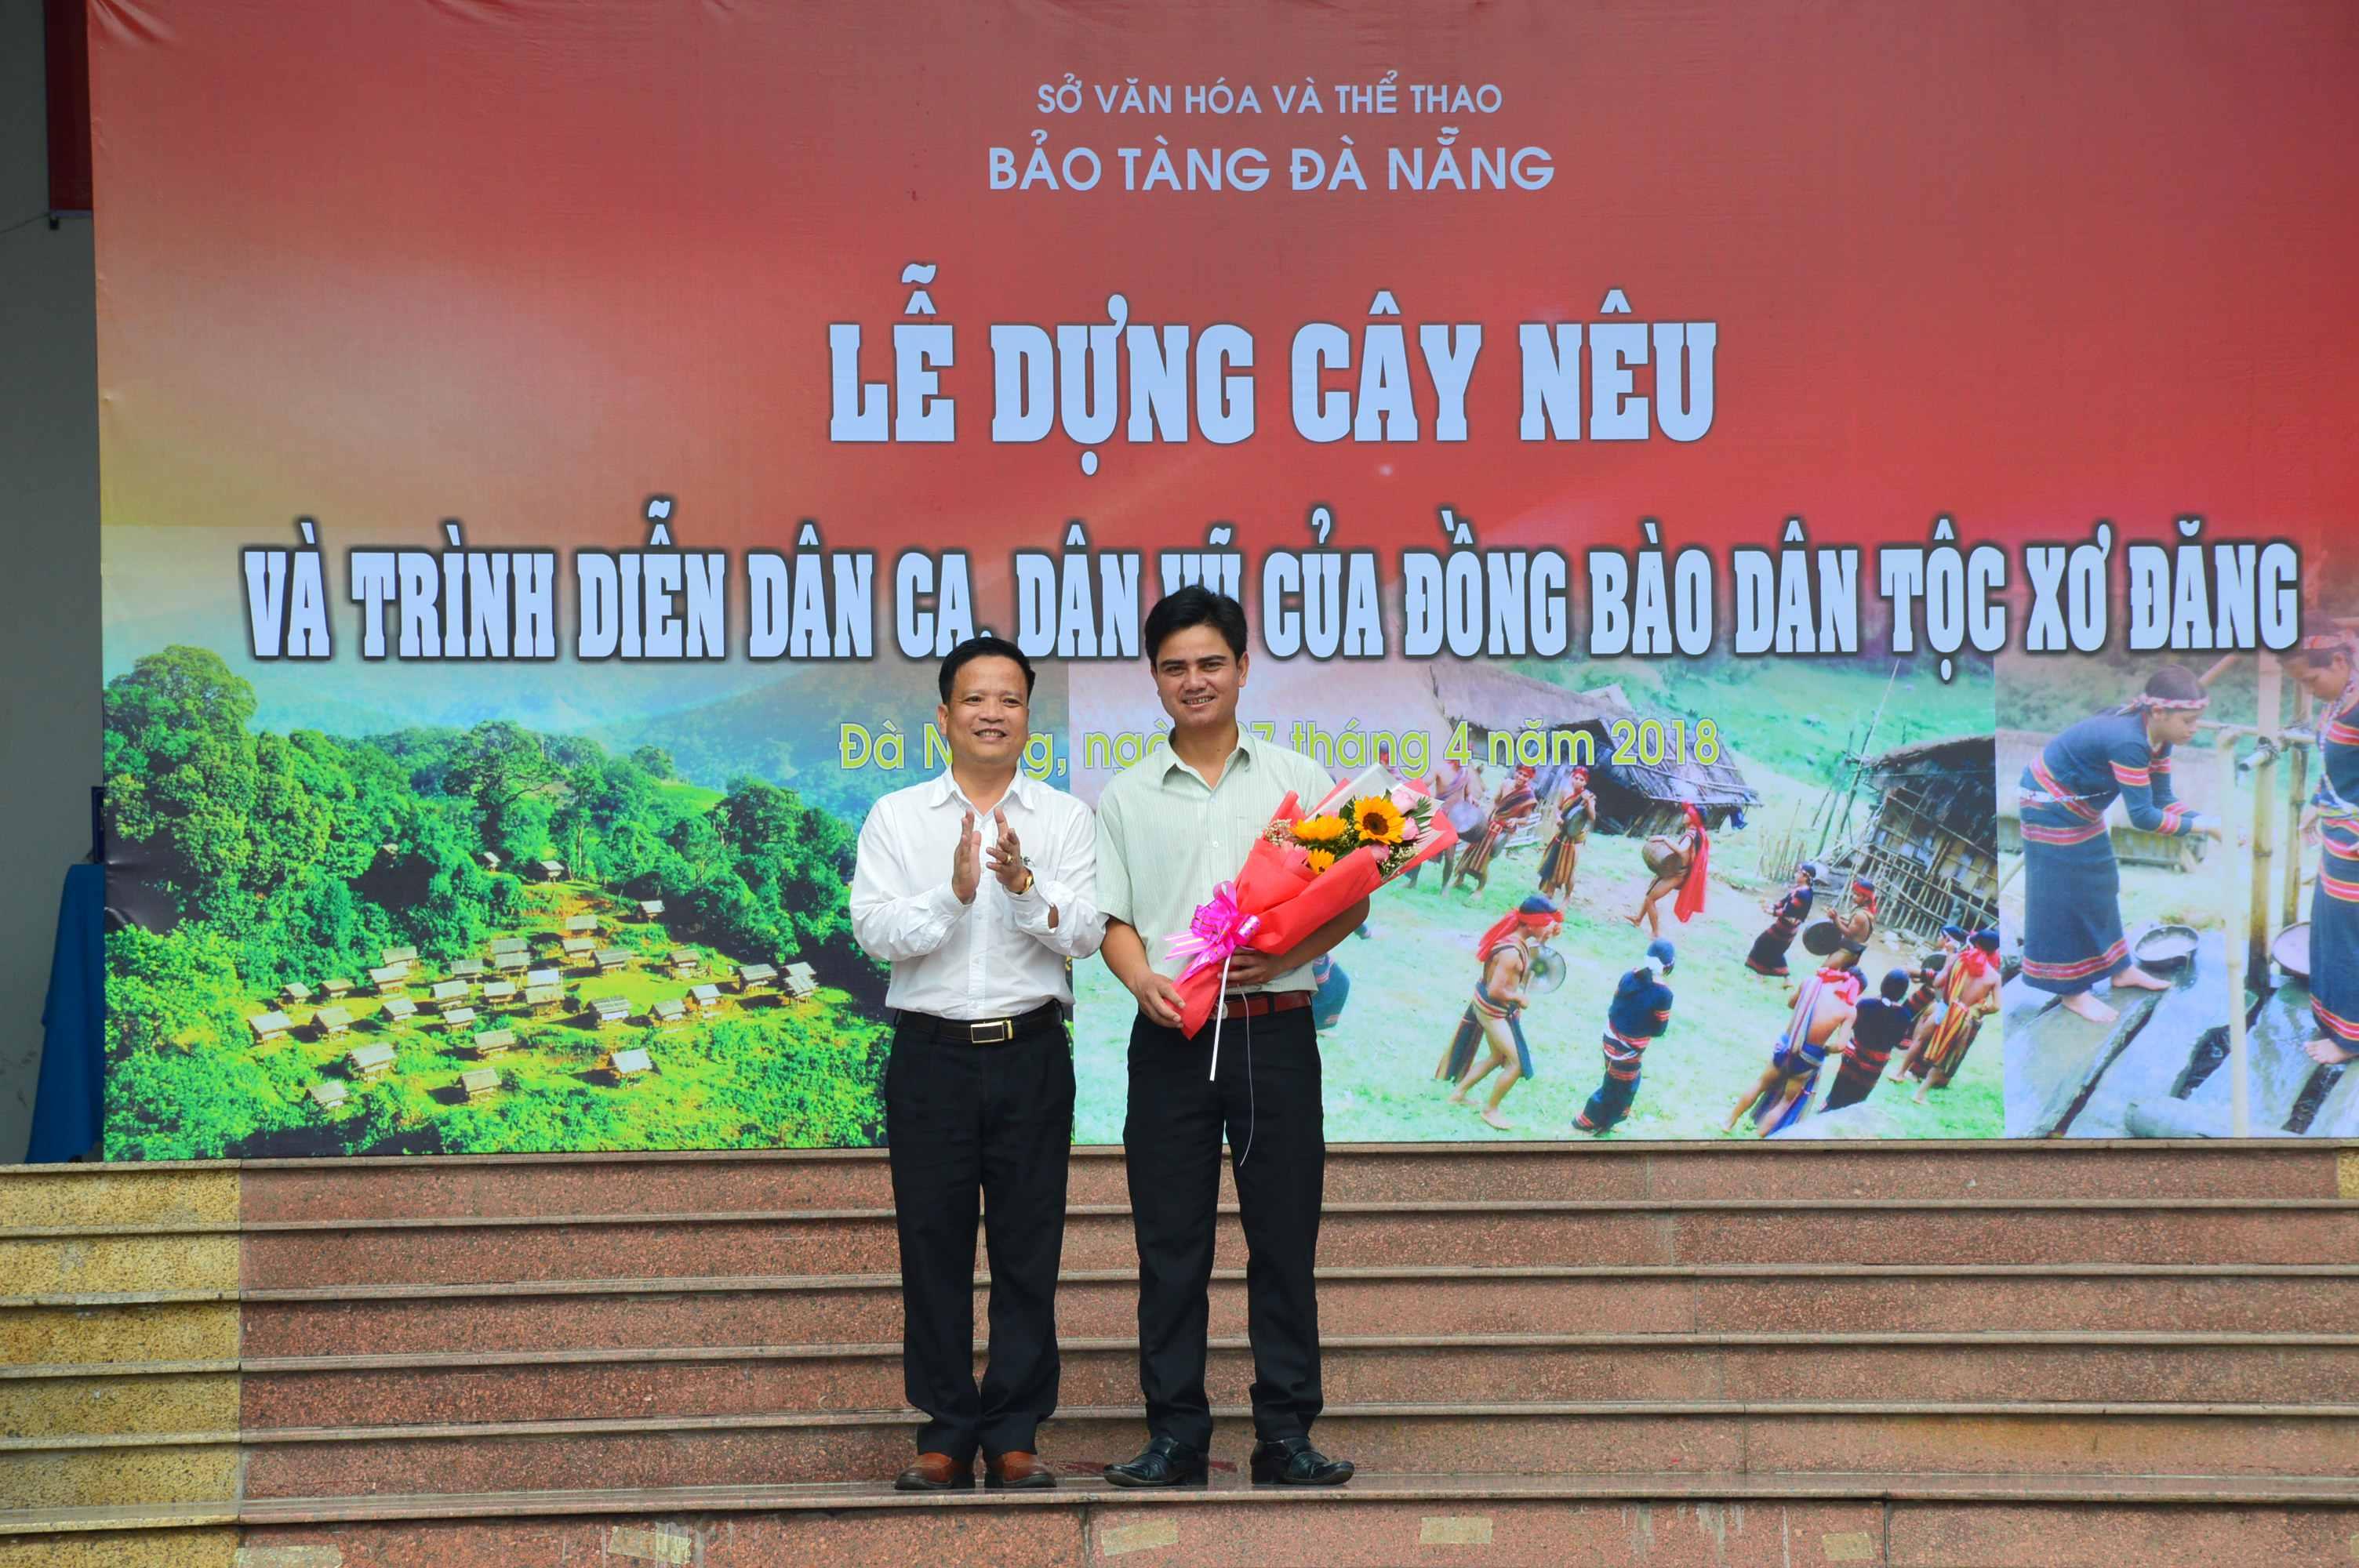 Lãnh đạo Bảo tàng Đà Nẵng tặng hoa lưu niệm cho ông Nguyễn Duy Phương - Chủ tịch UBND xã Trà Nam (phải). Ảnh: Q.T